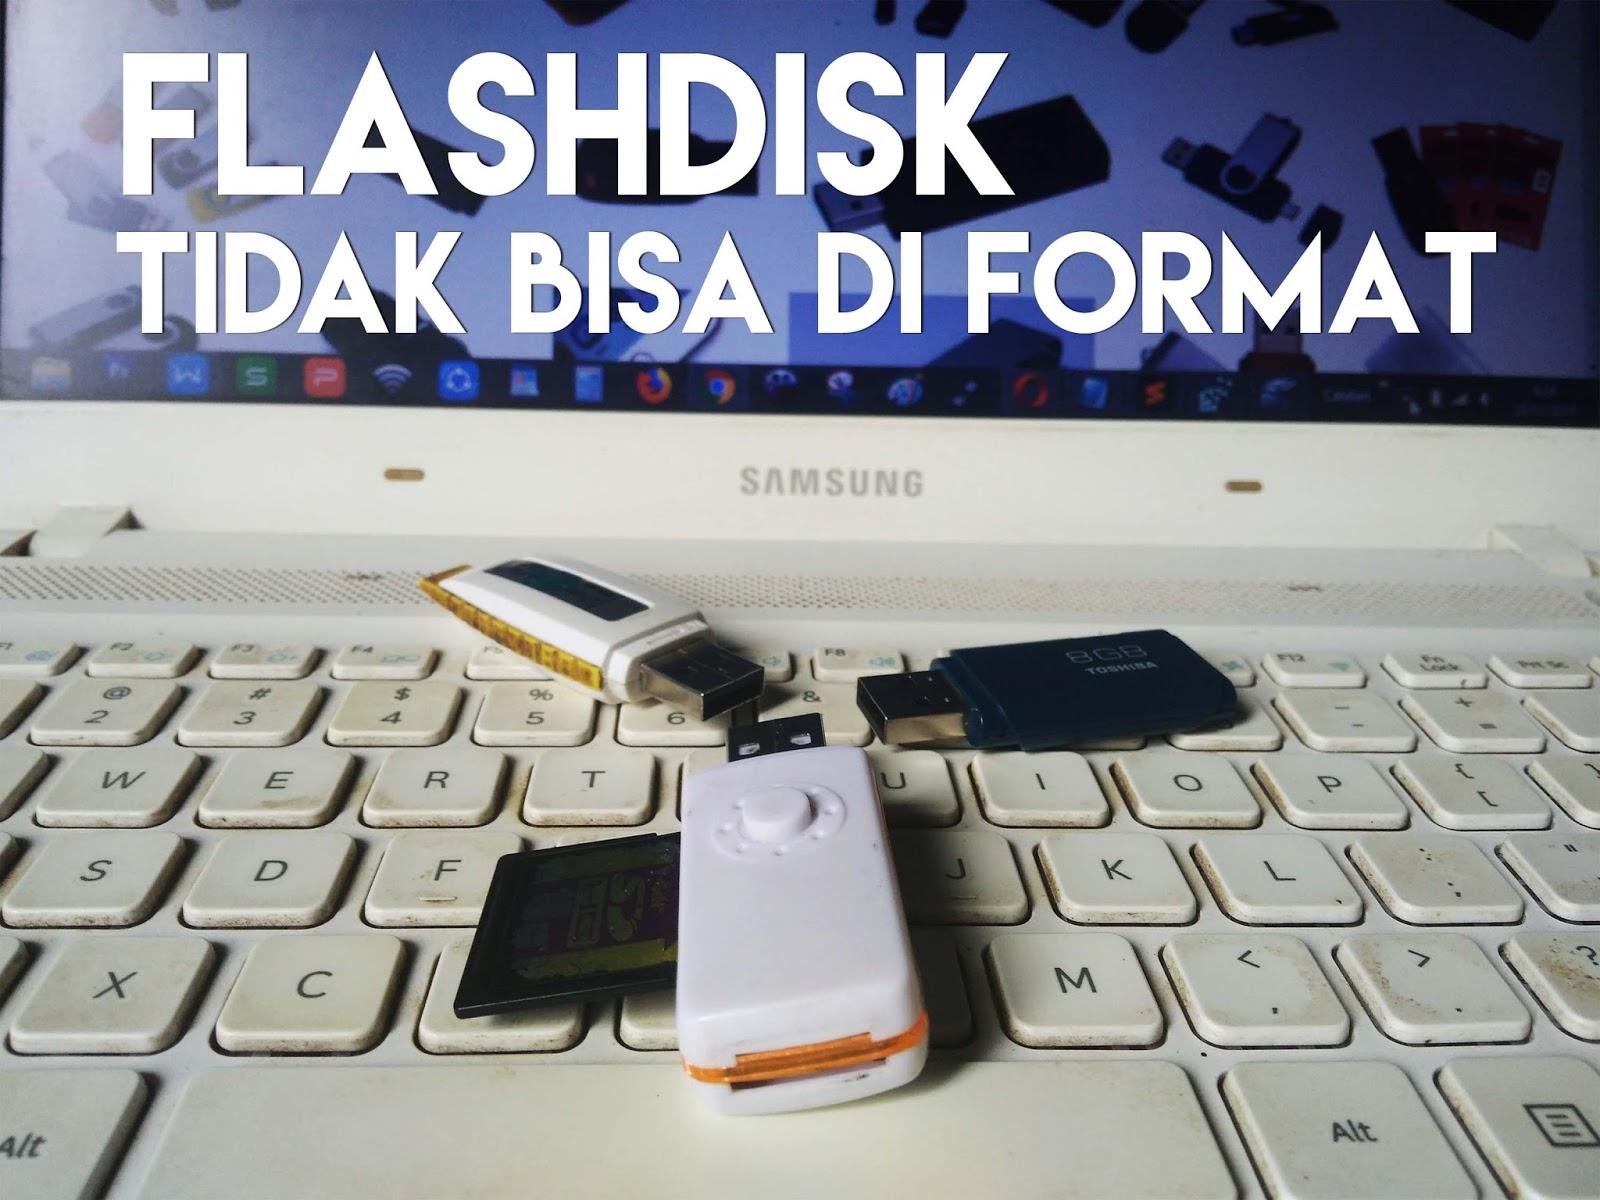 Cara Perbaiki Flashdisk Rusak Windows Was Unable To Complete Format Reza Nauma Solusi Komputer Ponsel